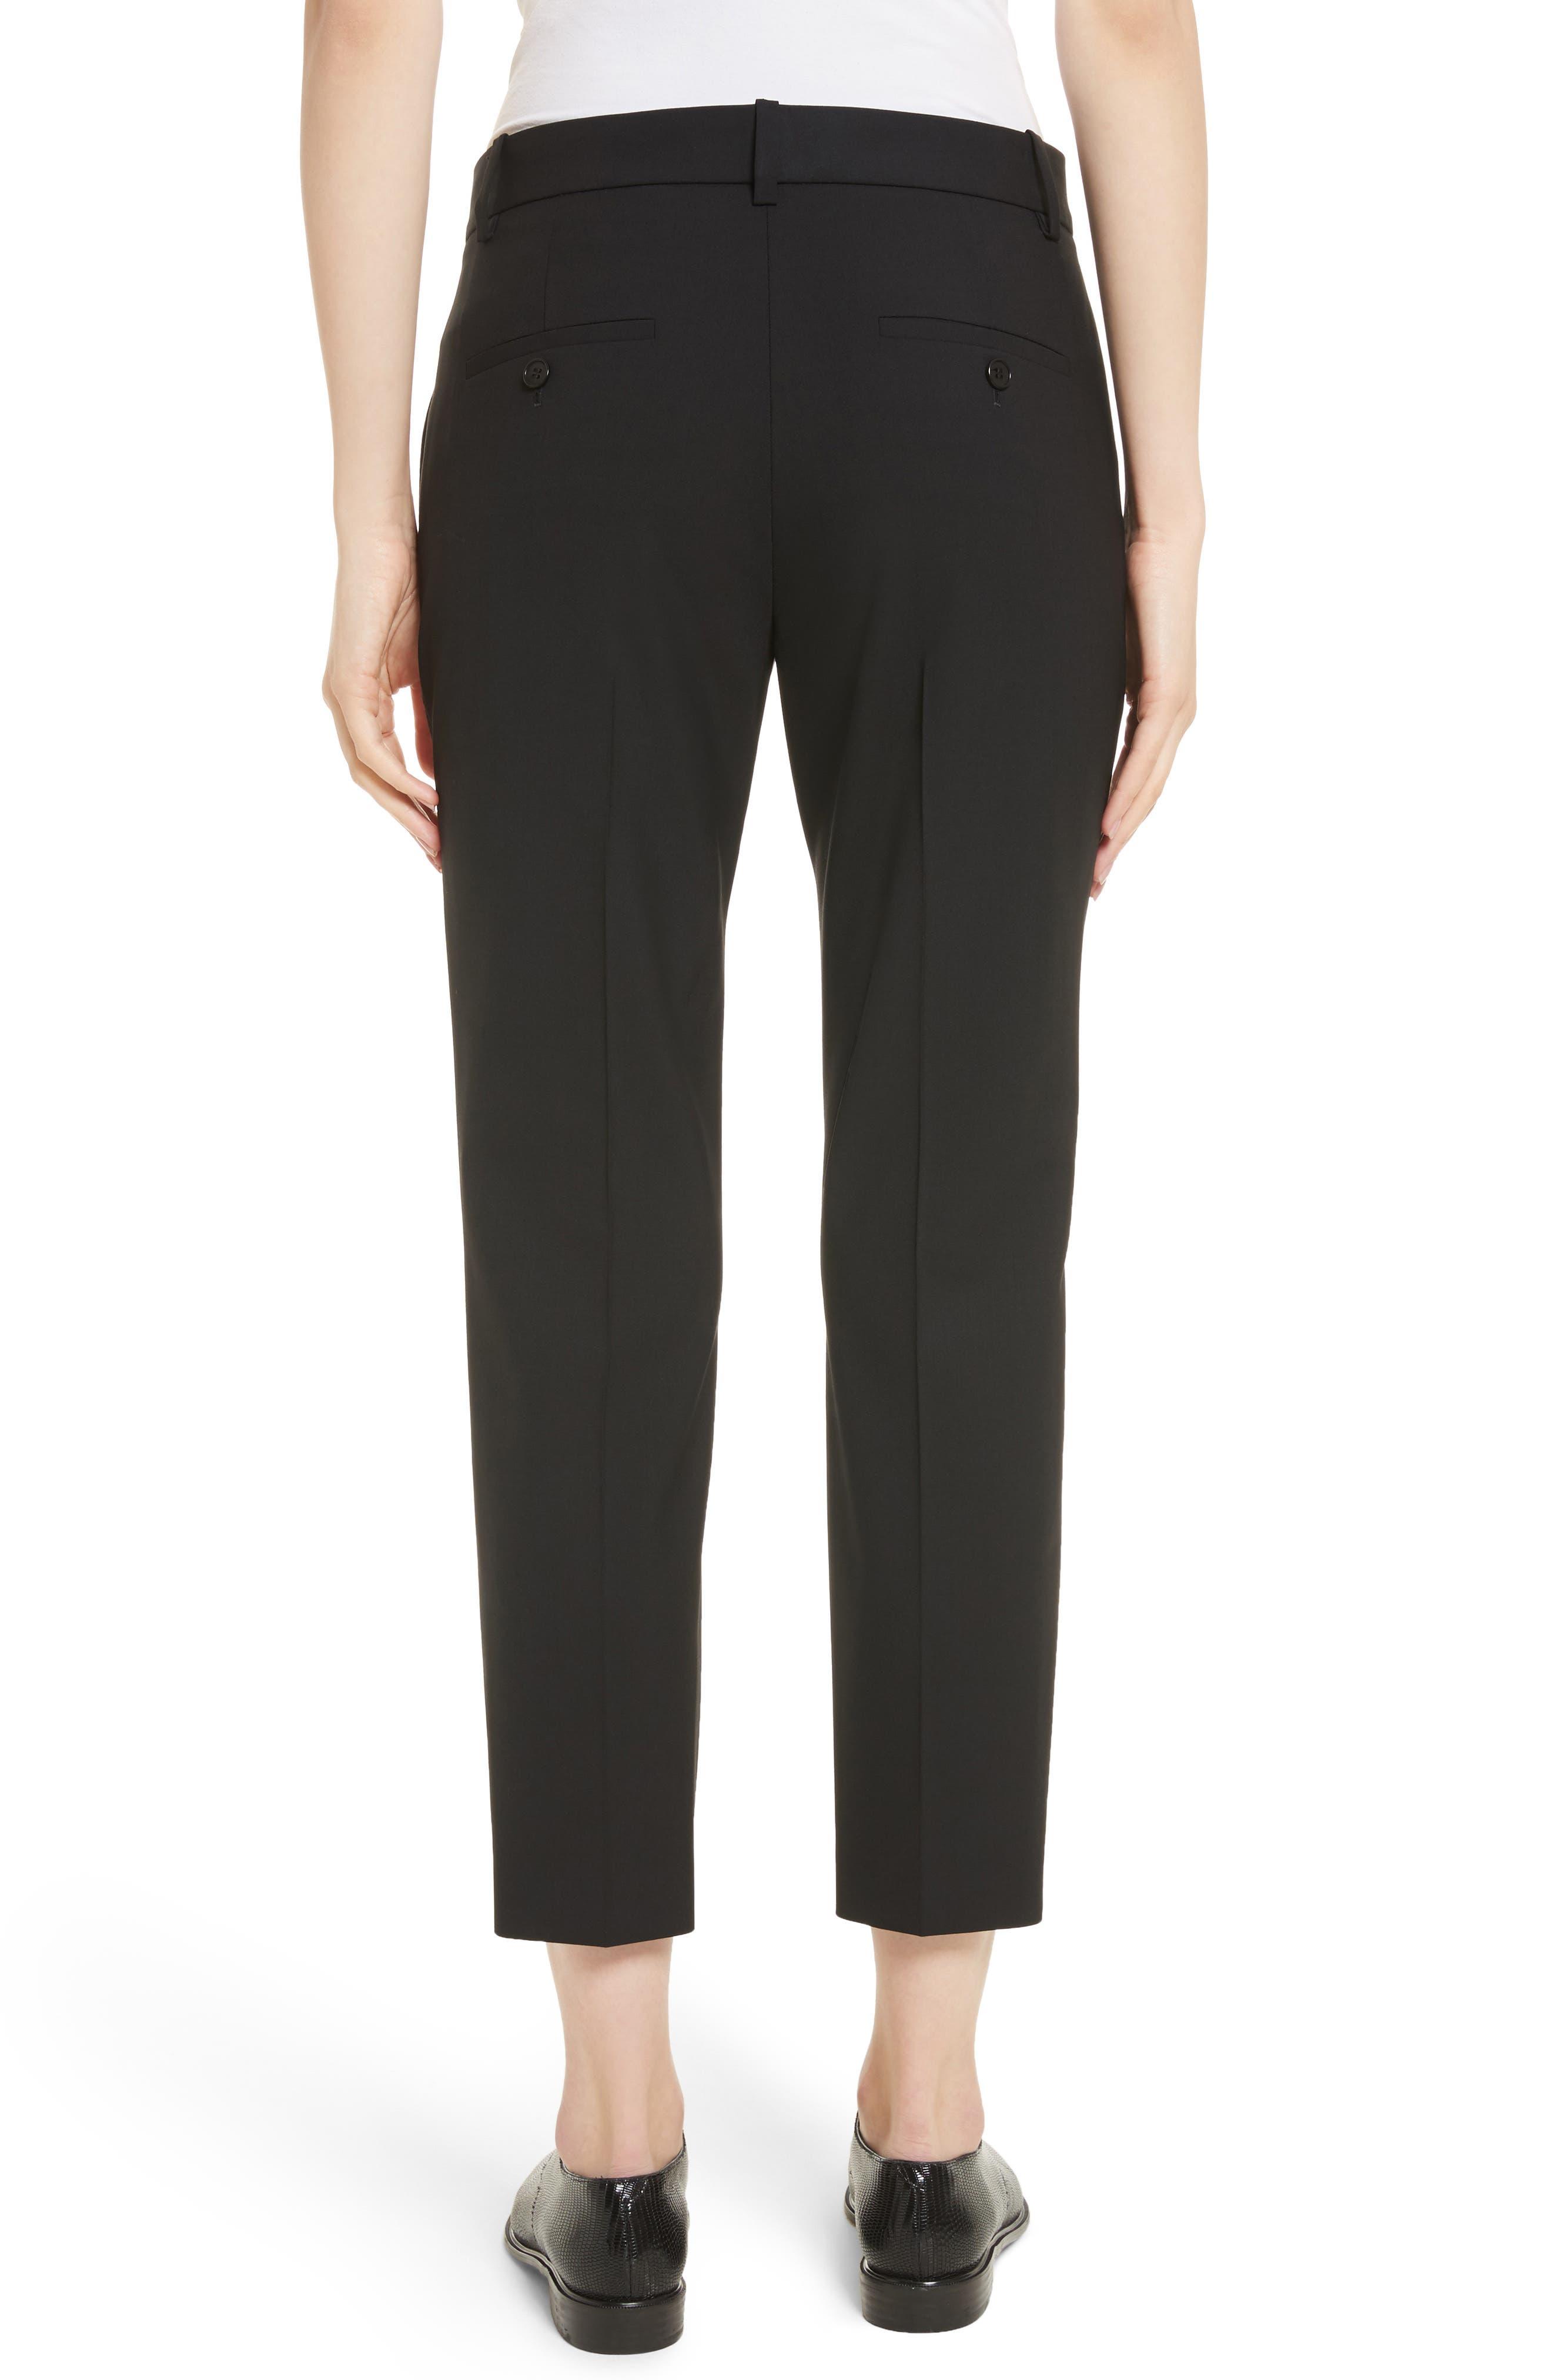 Treeca 2 Good Wool Crop Suit Pants,                             Alternate thumbnail 2, color,                             BLACK